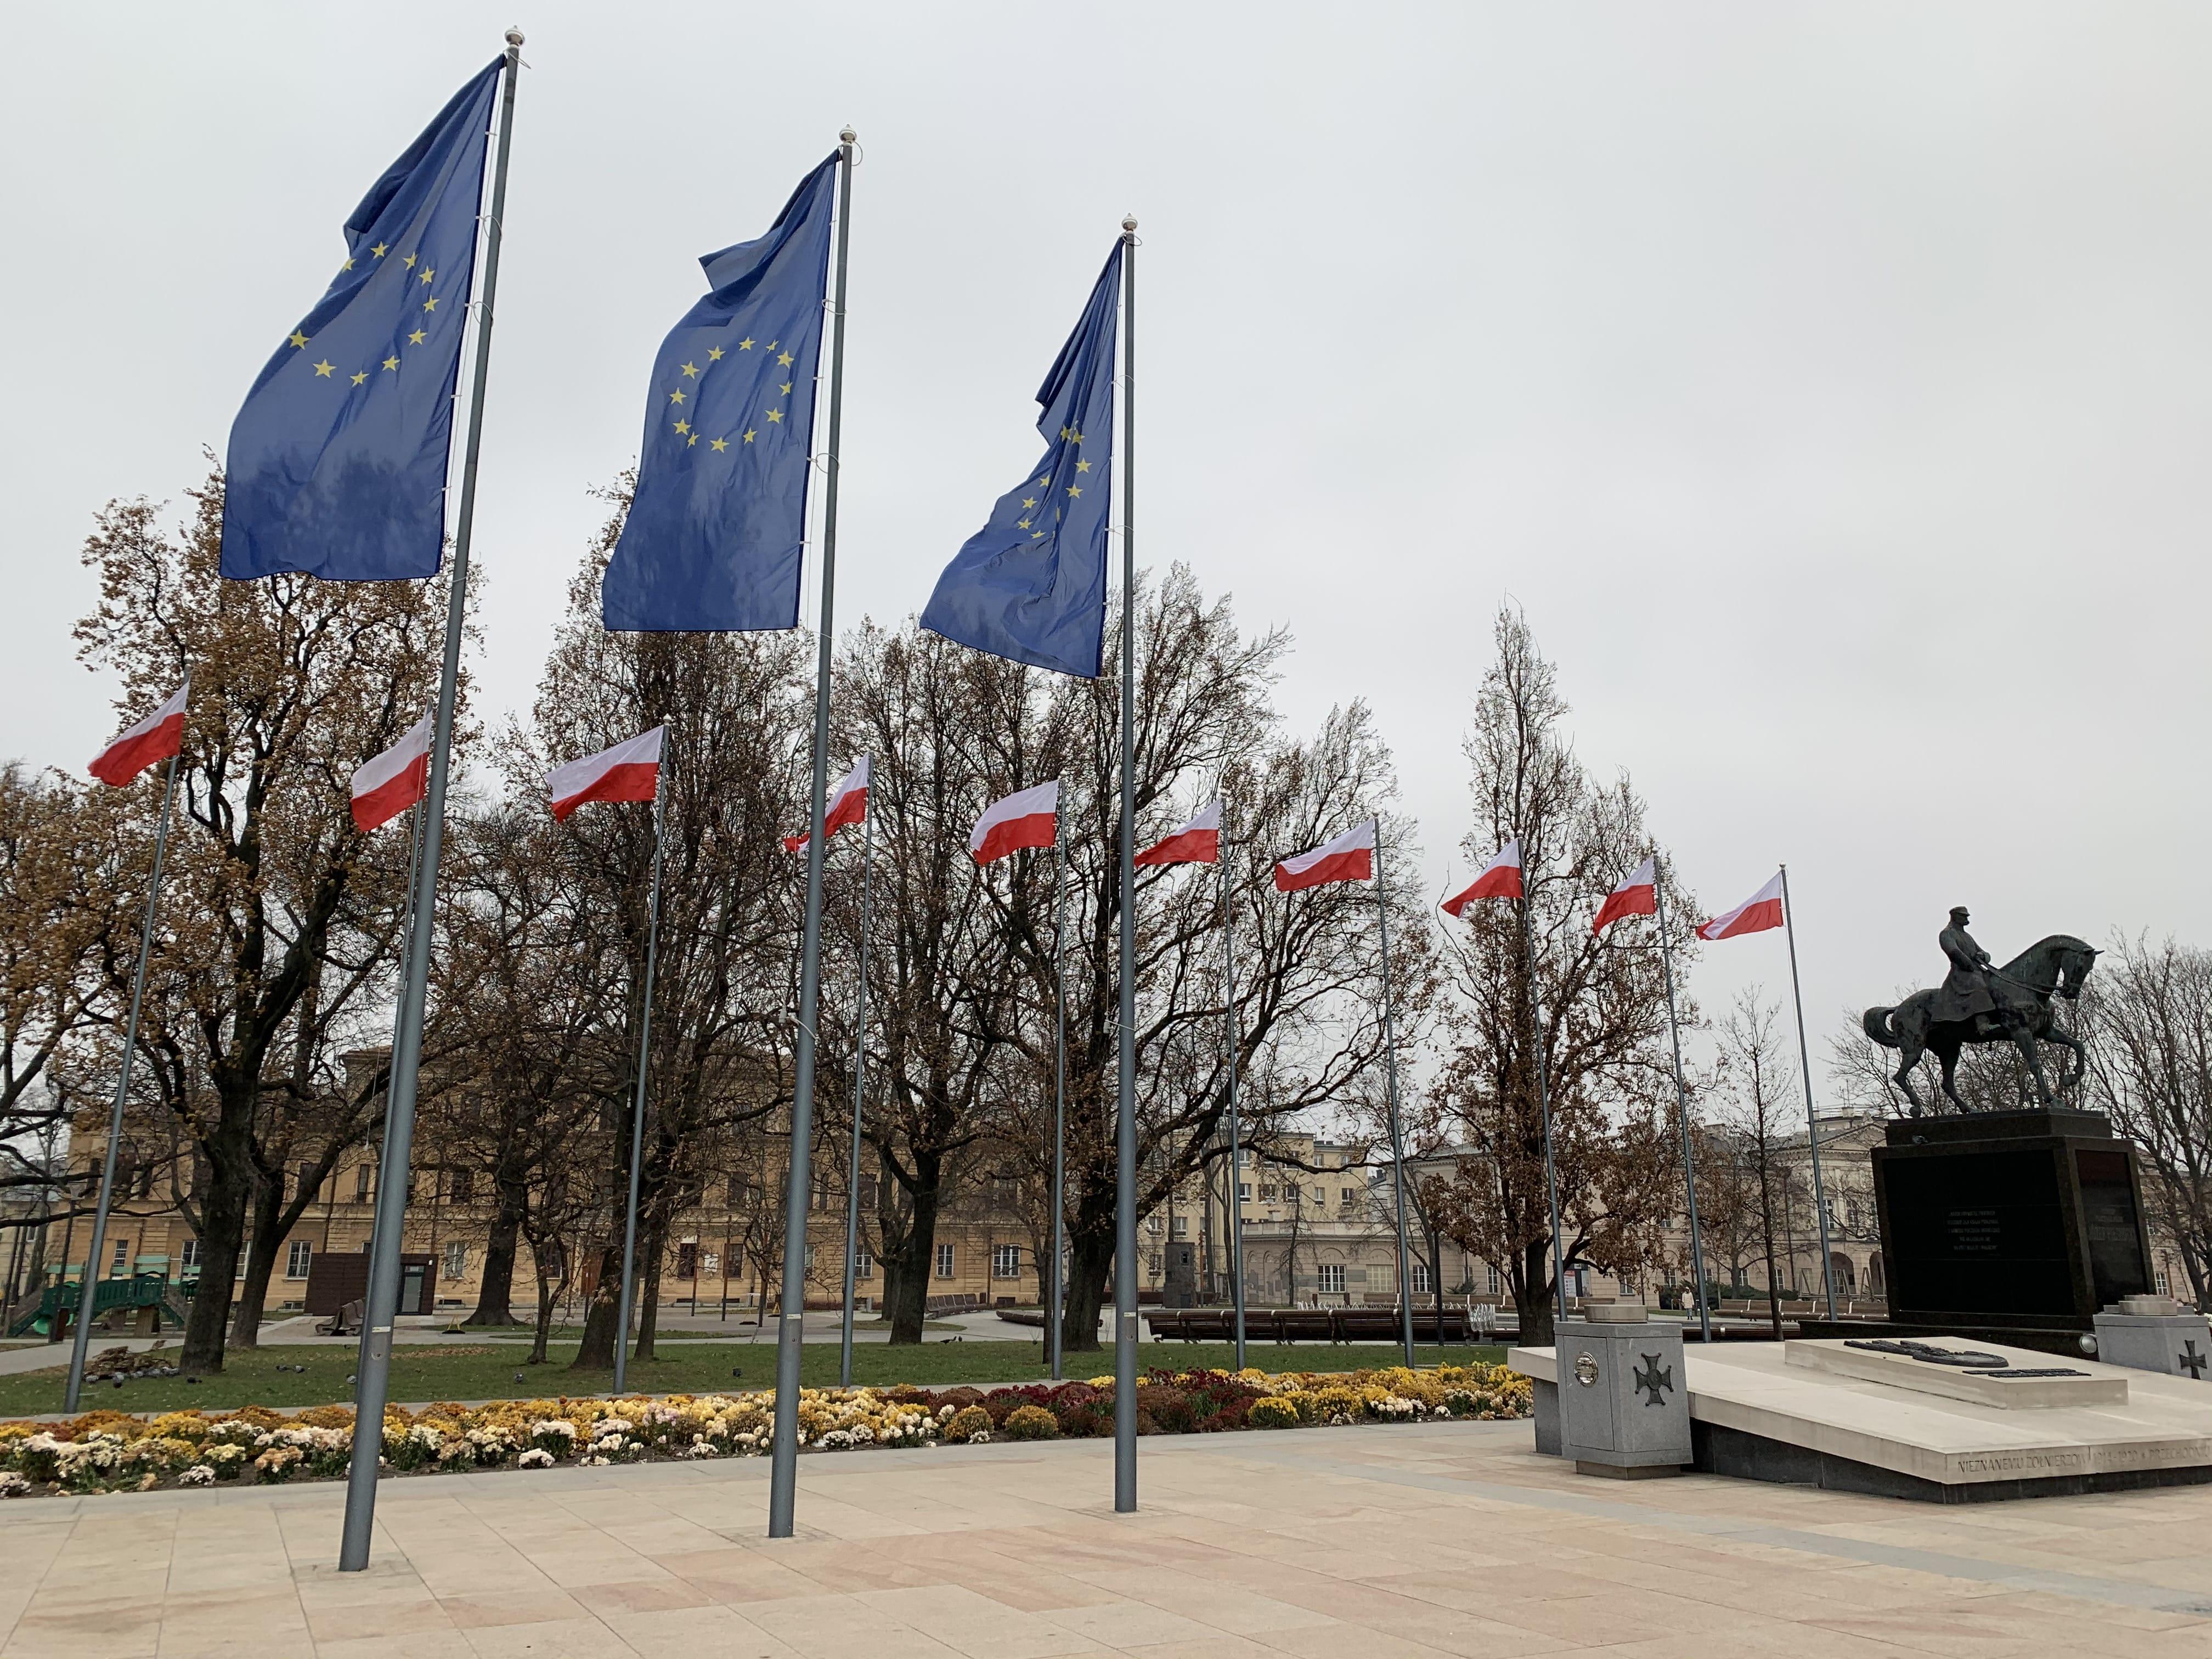 Akcja #potrzebUEmy w Lublinie. To sprzeciw wobec zapowiedzi weta budżetu UE - Zdjęcie główne